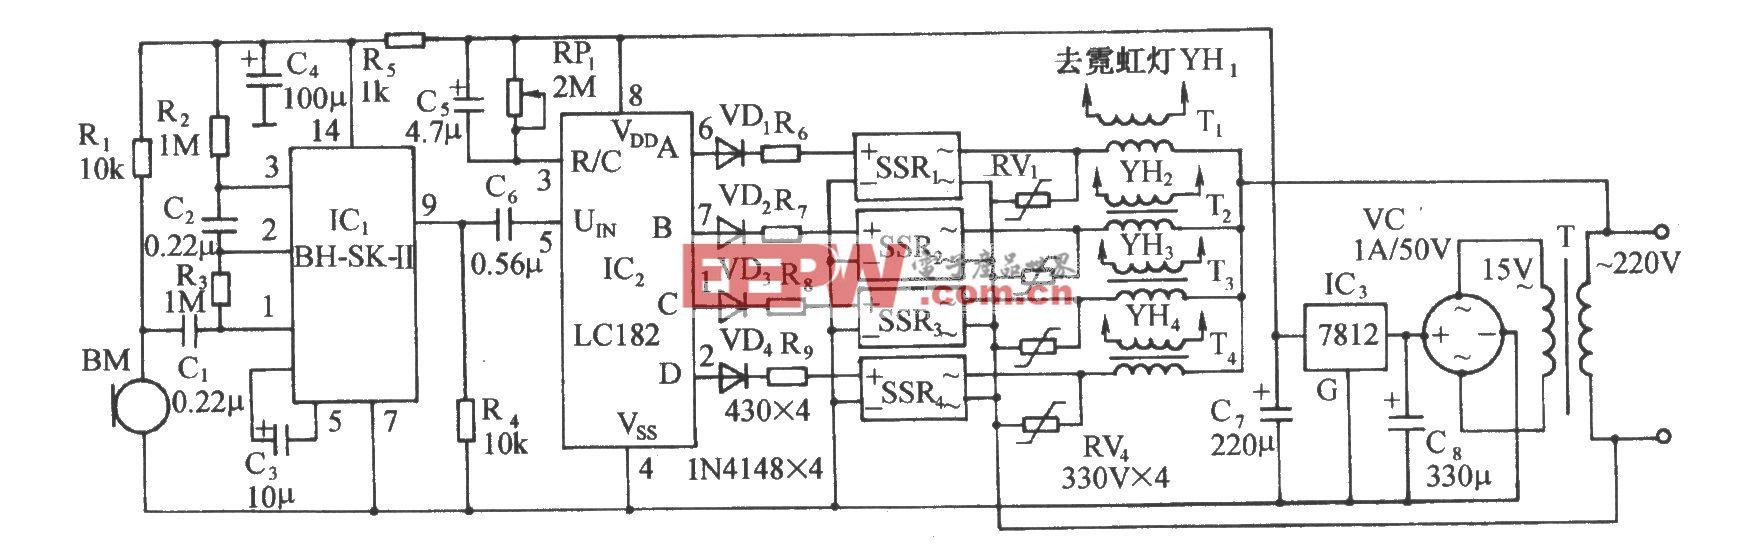 LCl82音频压控霓虹灯图案控制电路